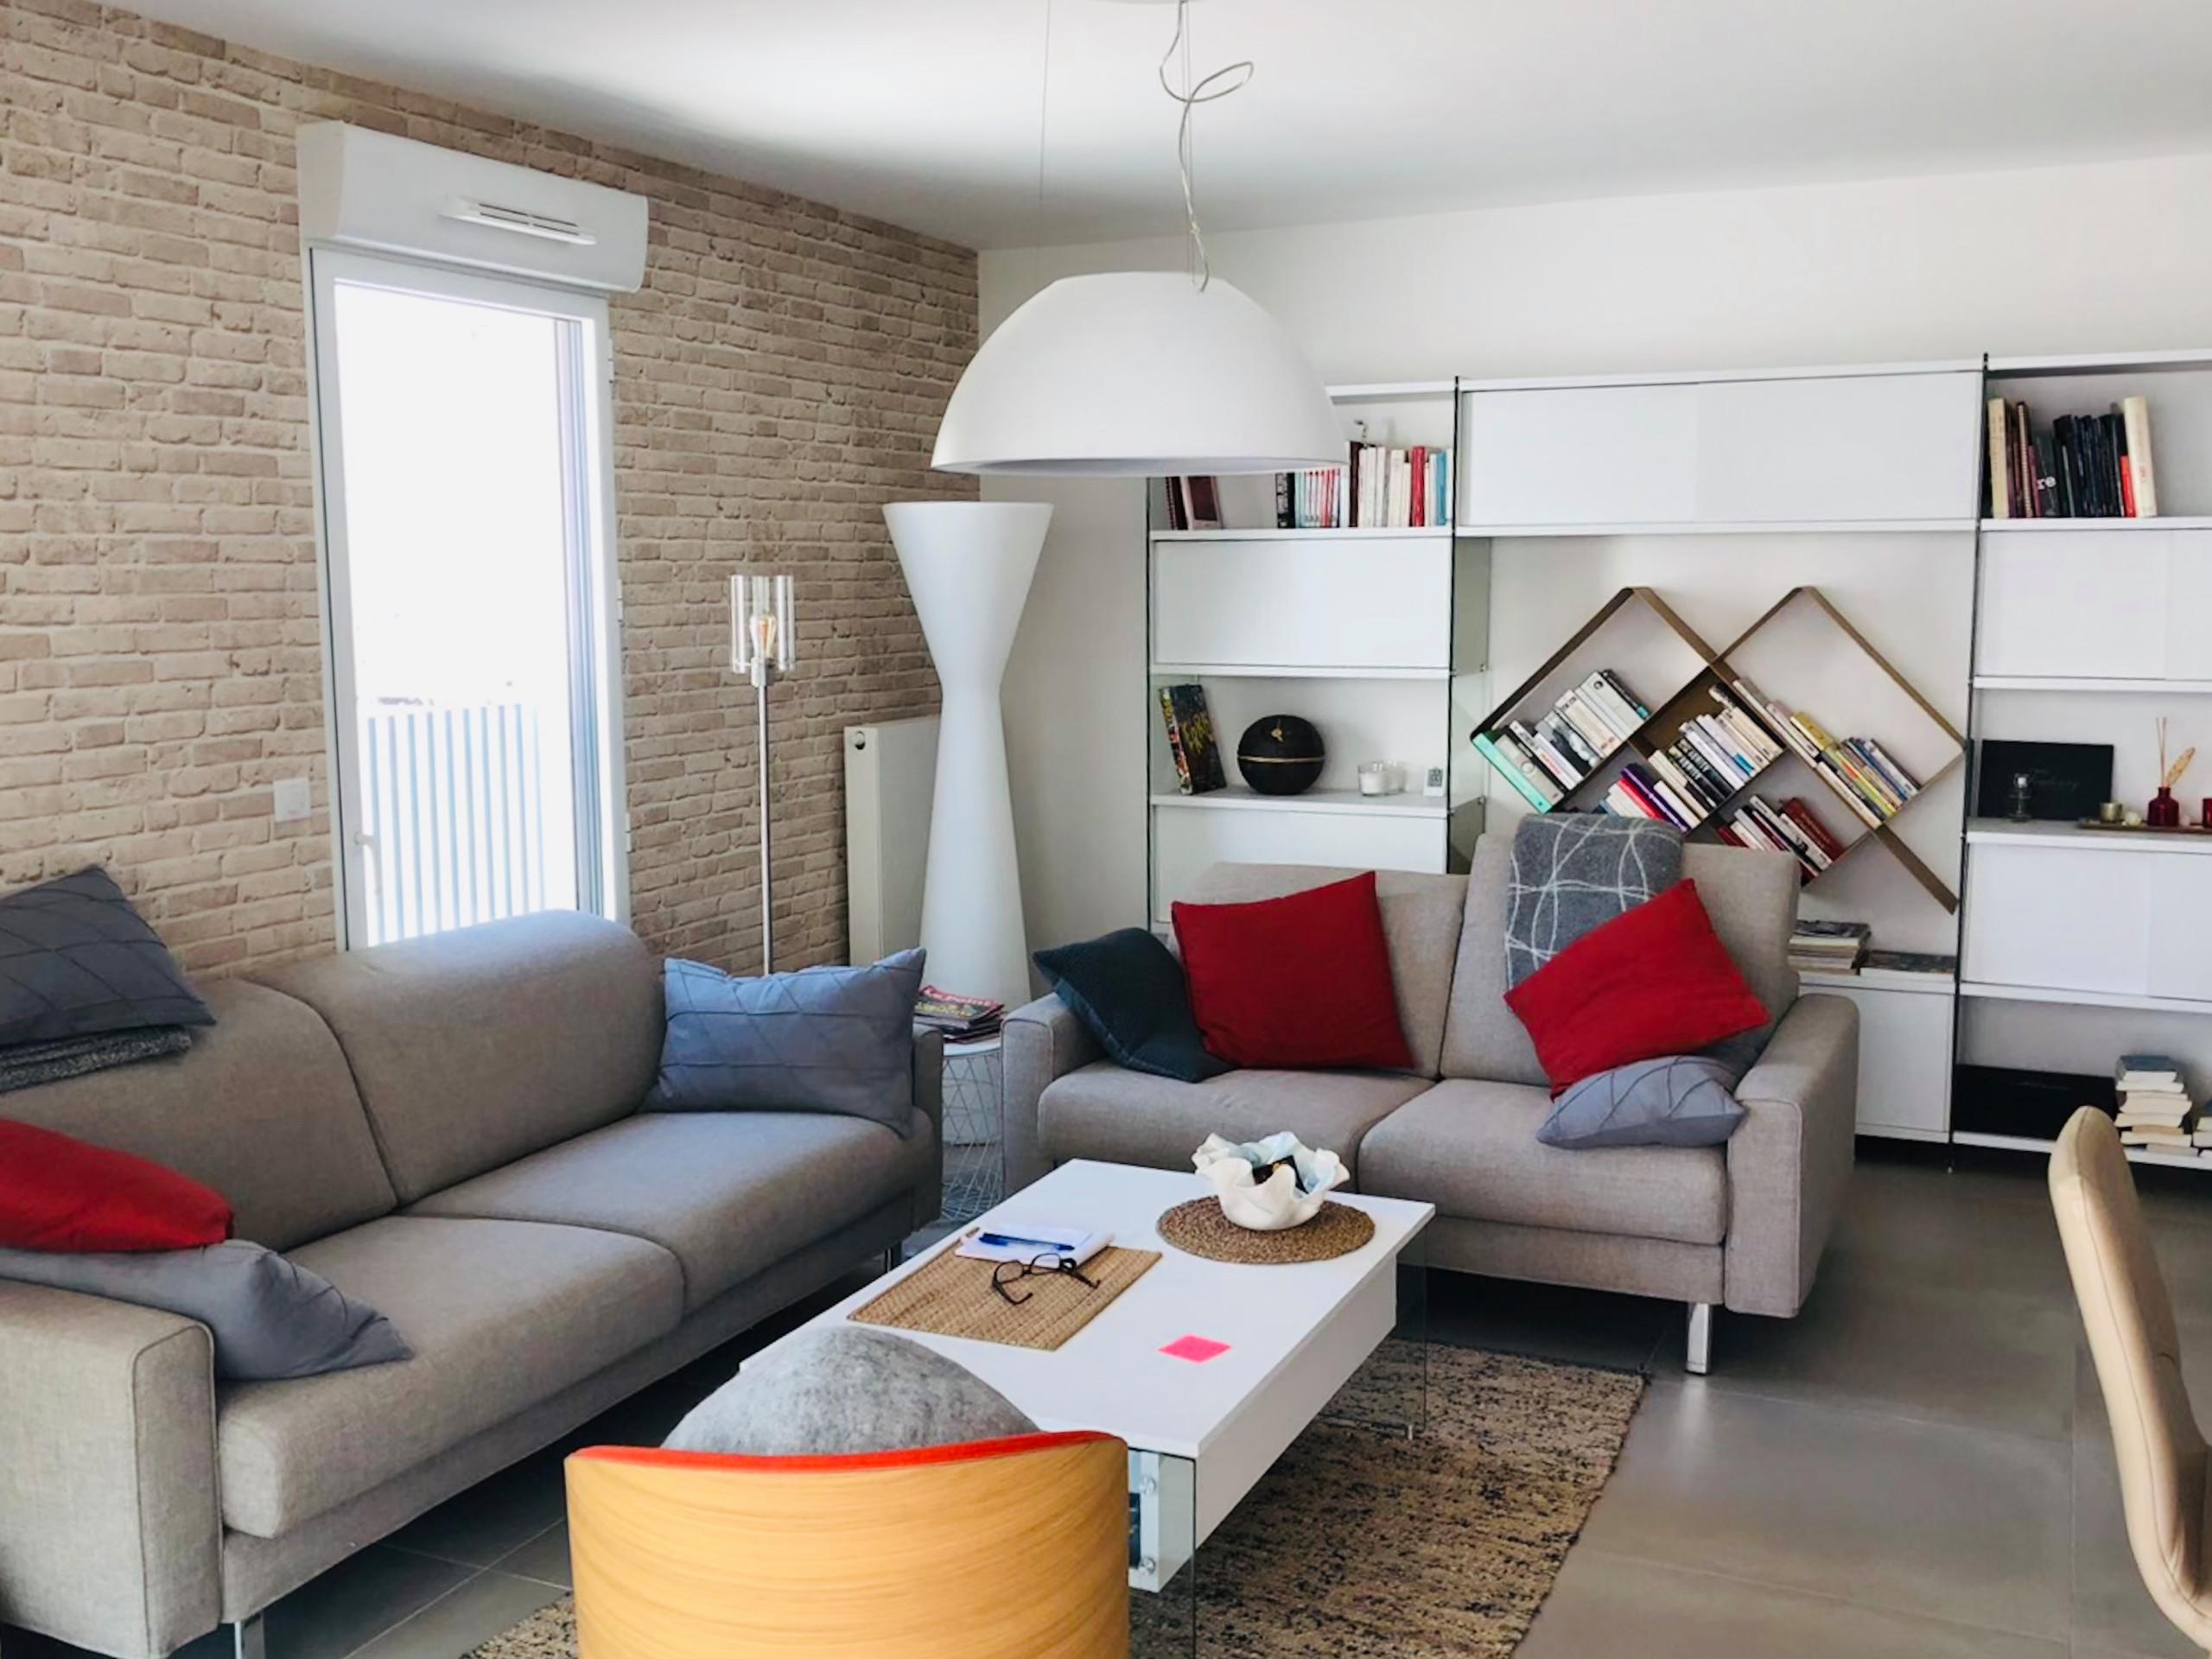 Rénovation et agencement d'un appartement de 100m2